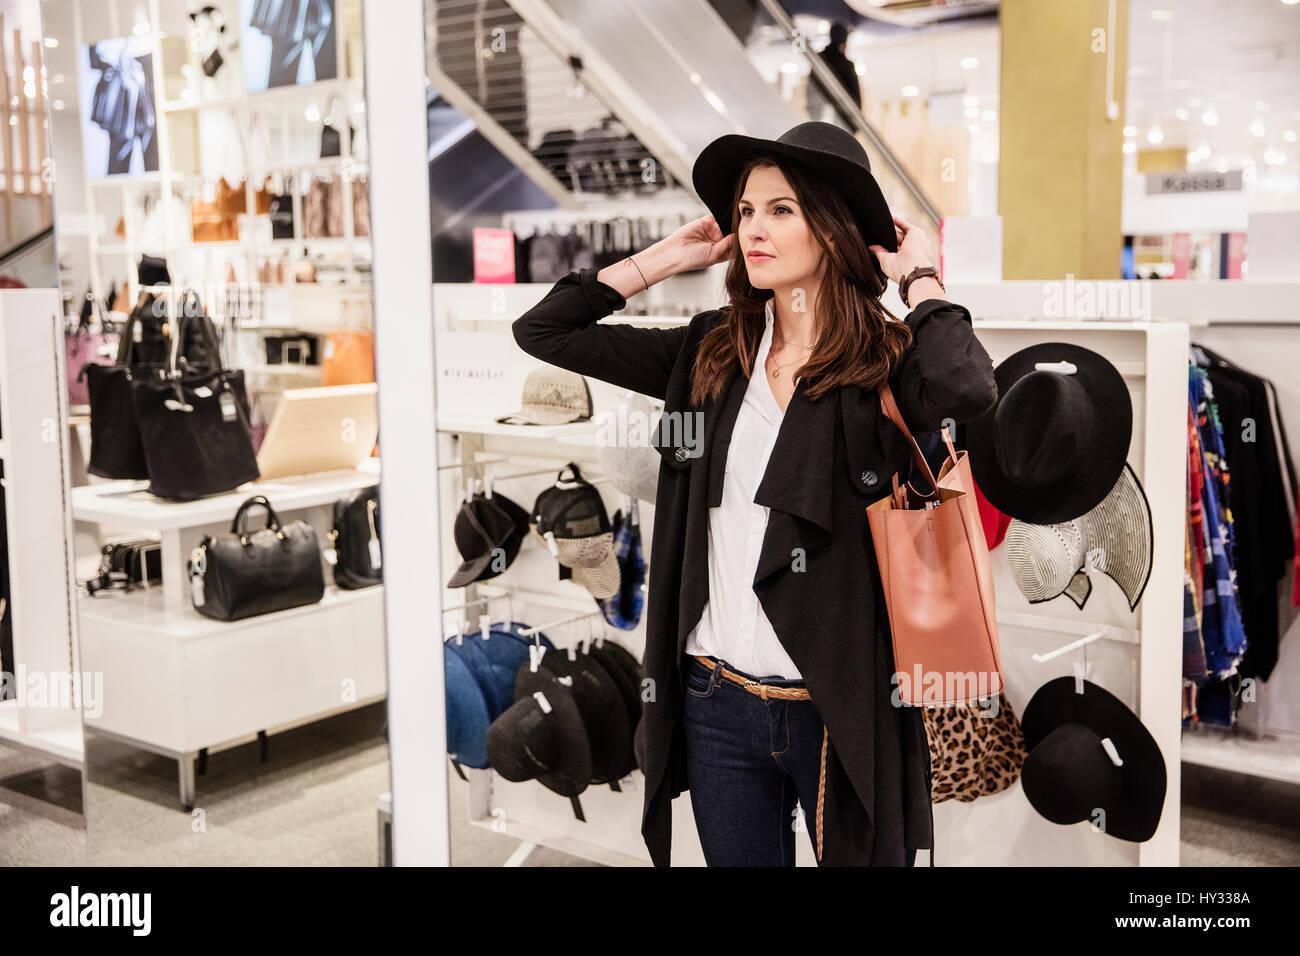 La Svezia, donna scegliendo hat in negozio Immagini Stock